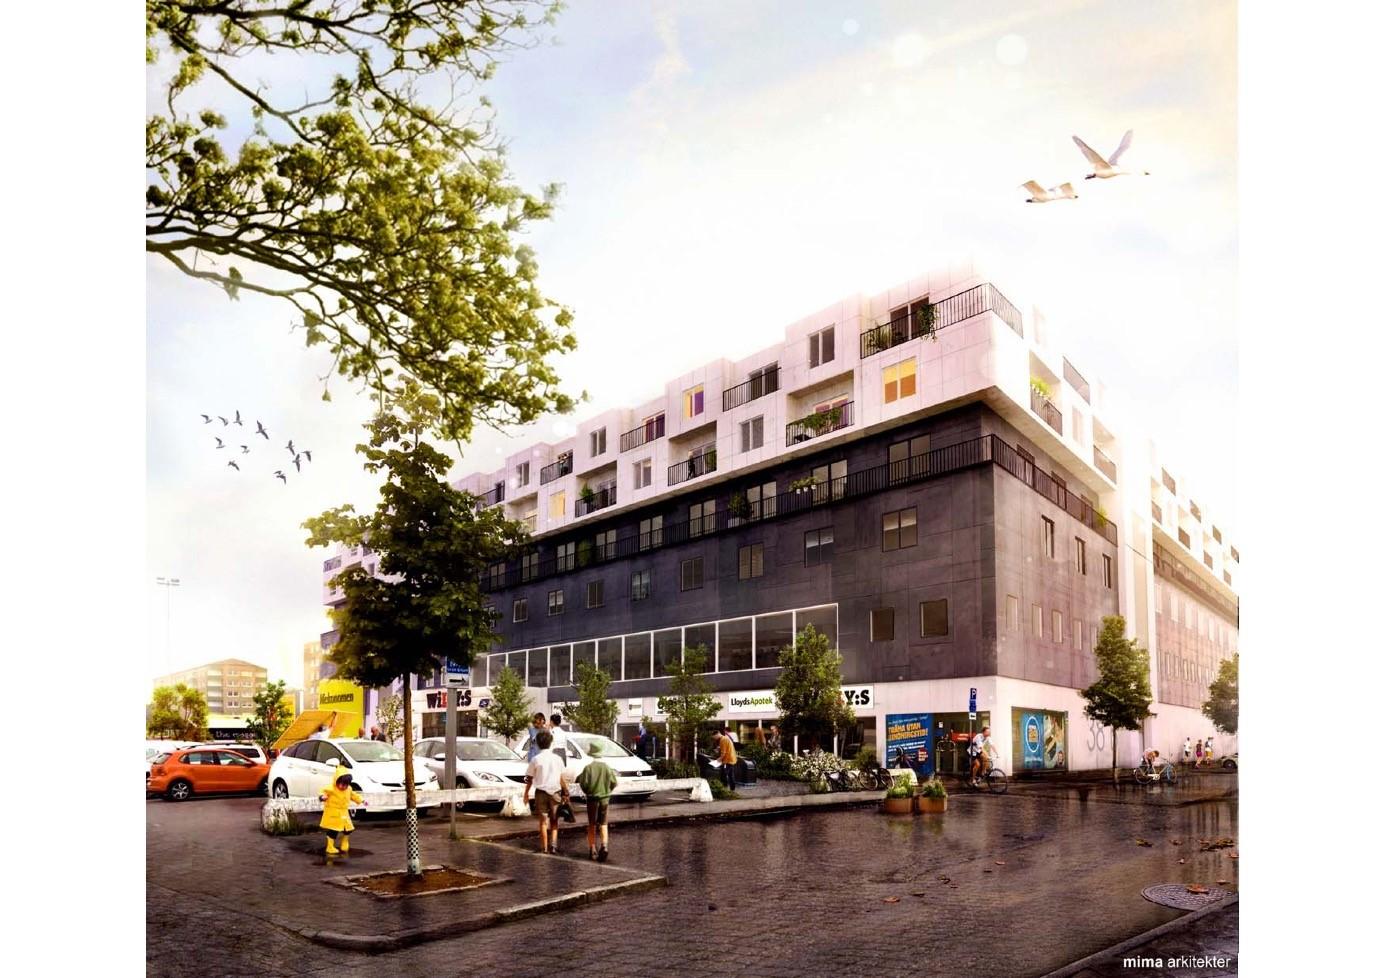 Katrinelundcentrum